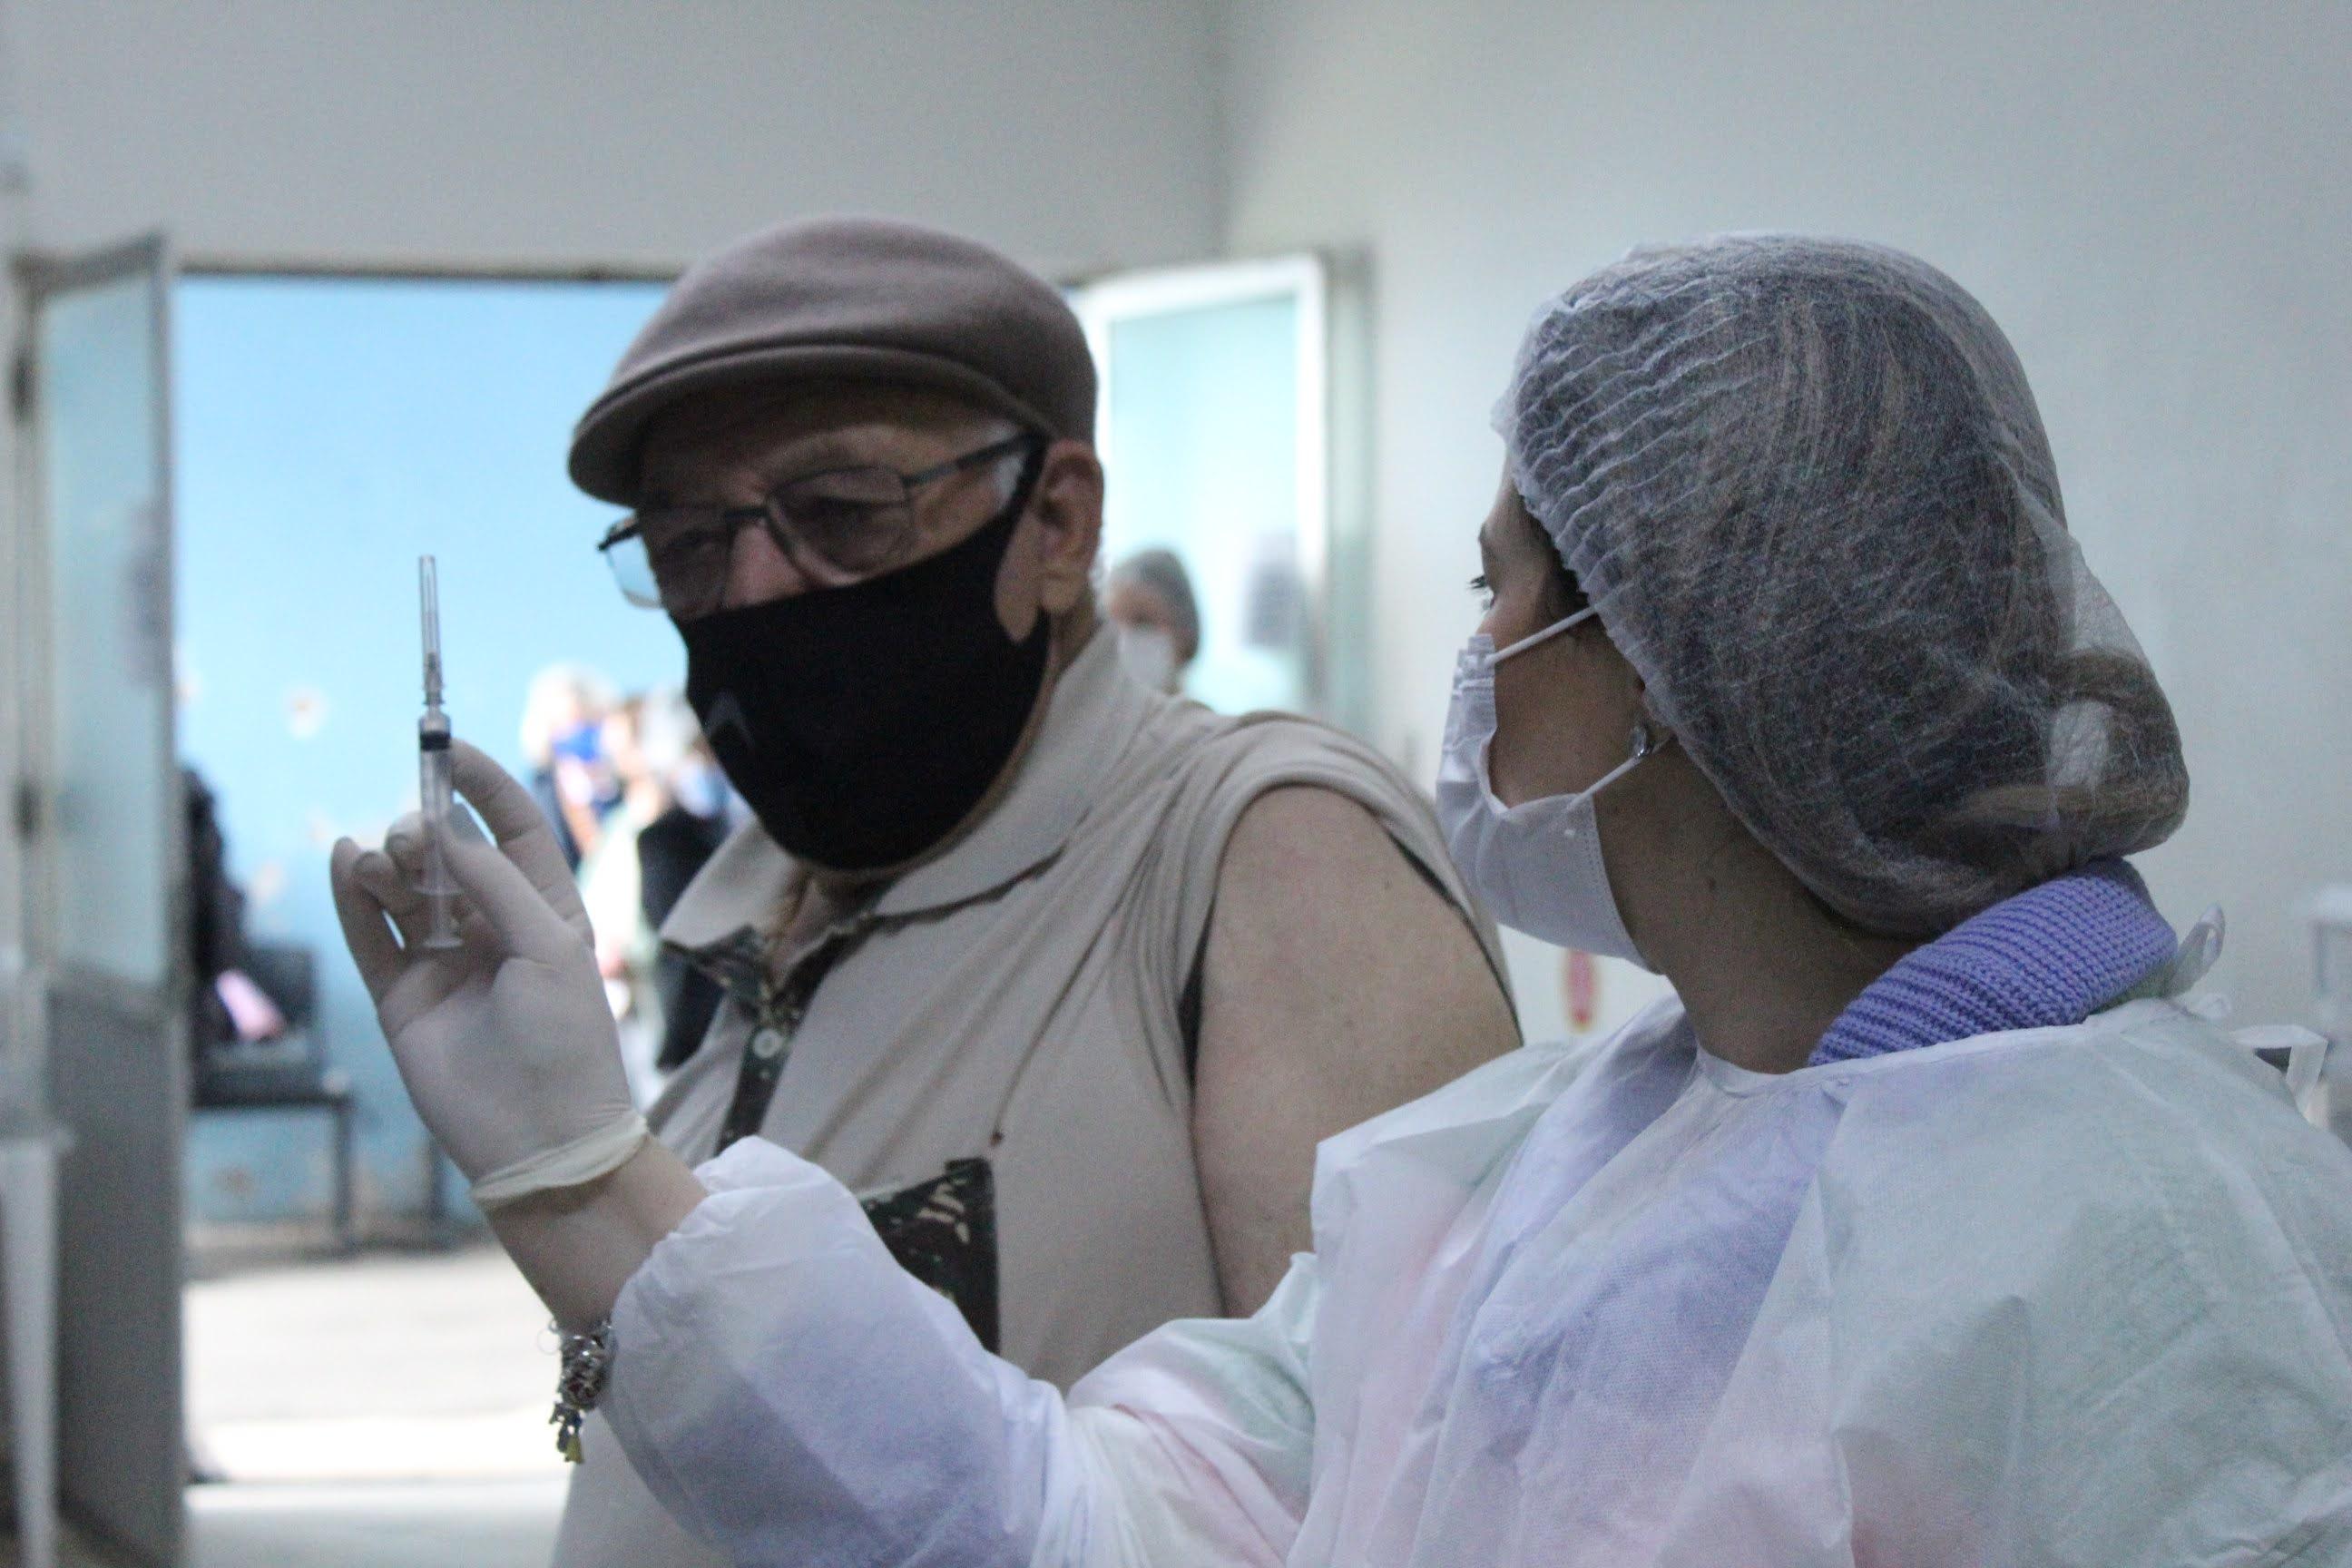 Coronavírus: liberado reforço vacinal para pessoas com 60 anos ou mais a partir desta quarta-feira em Lages Últimas notícias Lages coronavírus